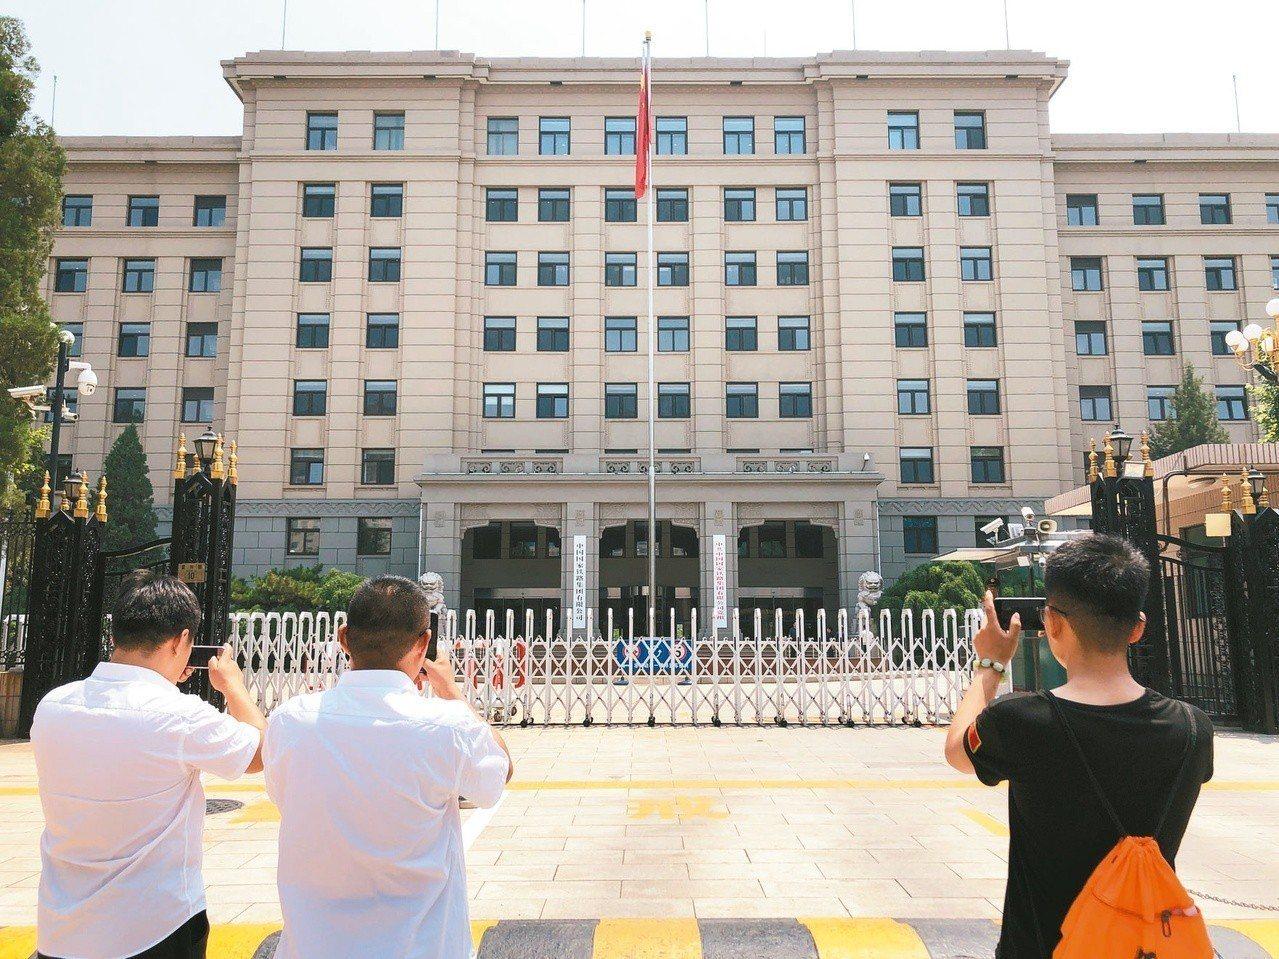 大陸最大央企 中國鐵路開張 股本7.7兆 (澎湃新聞)